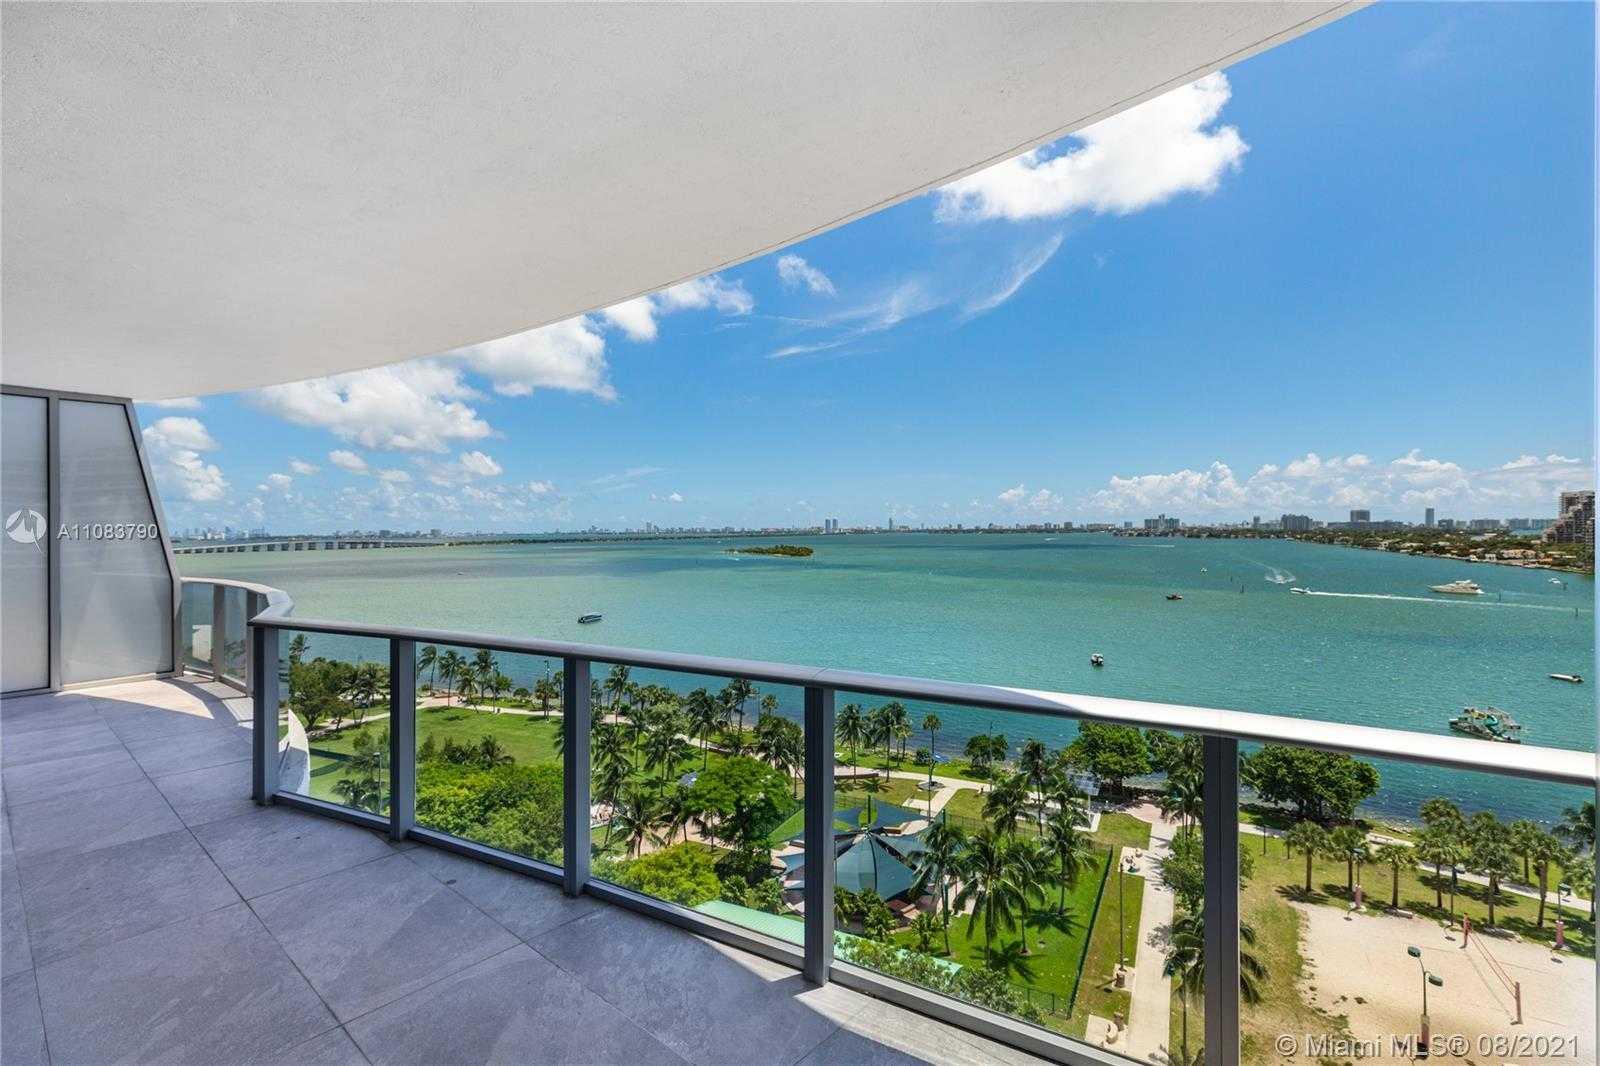 Apartment Miami  -  ref MIA361534070 (picture 1)